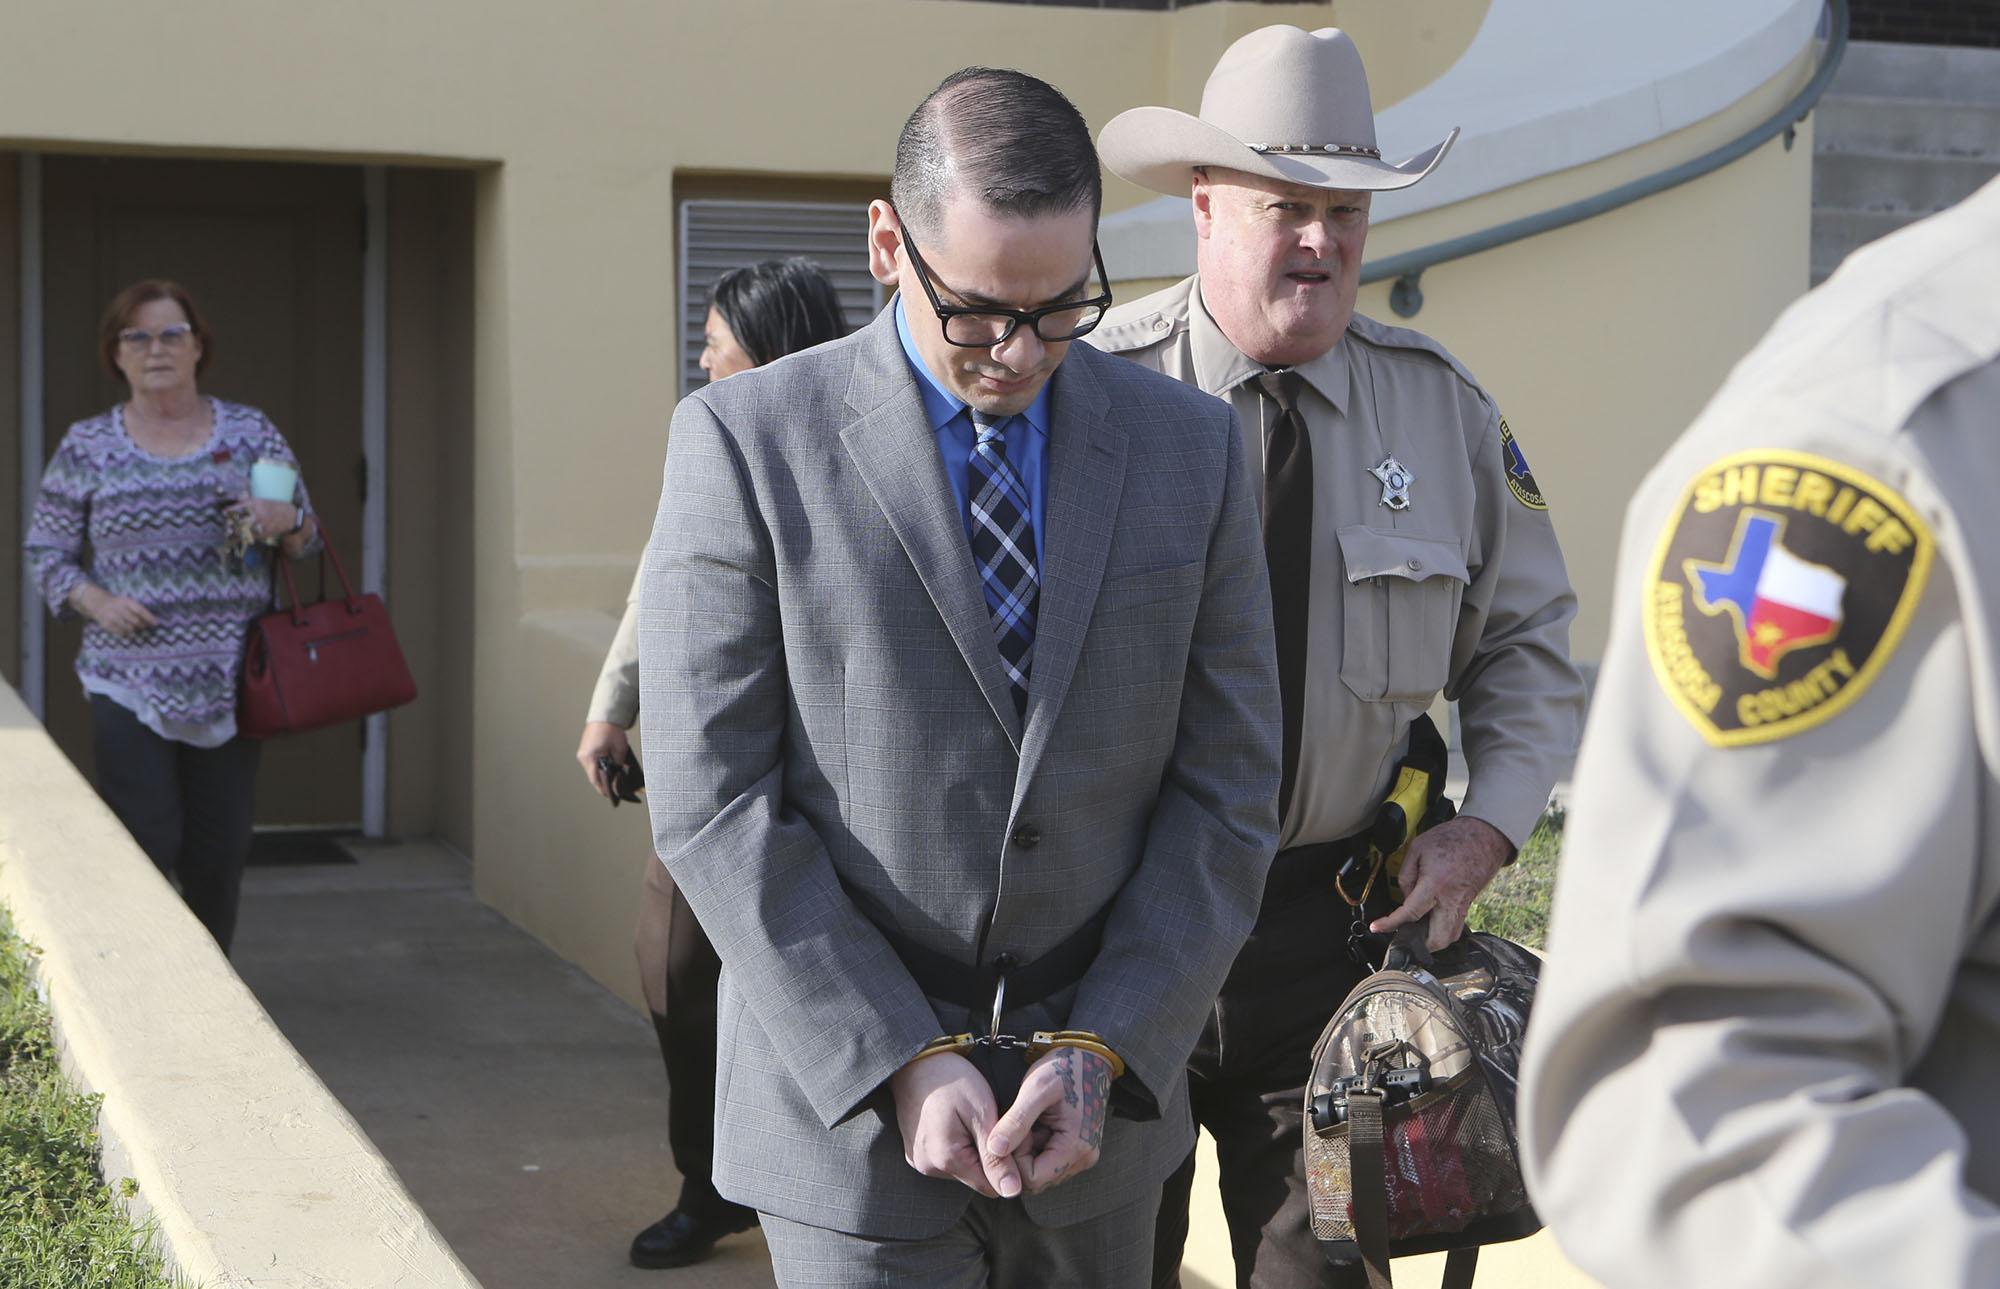 079fc04dd59 Jury has cop killer case - San Antonio Express-News